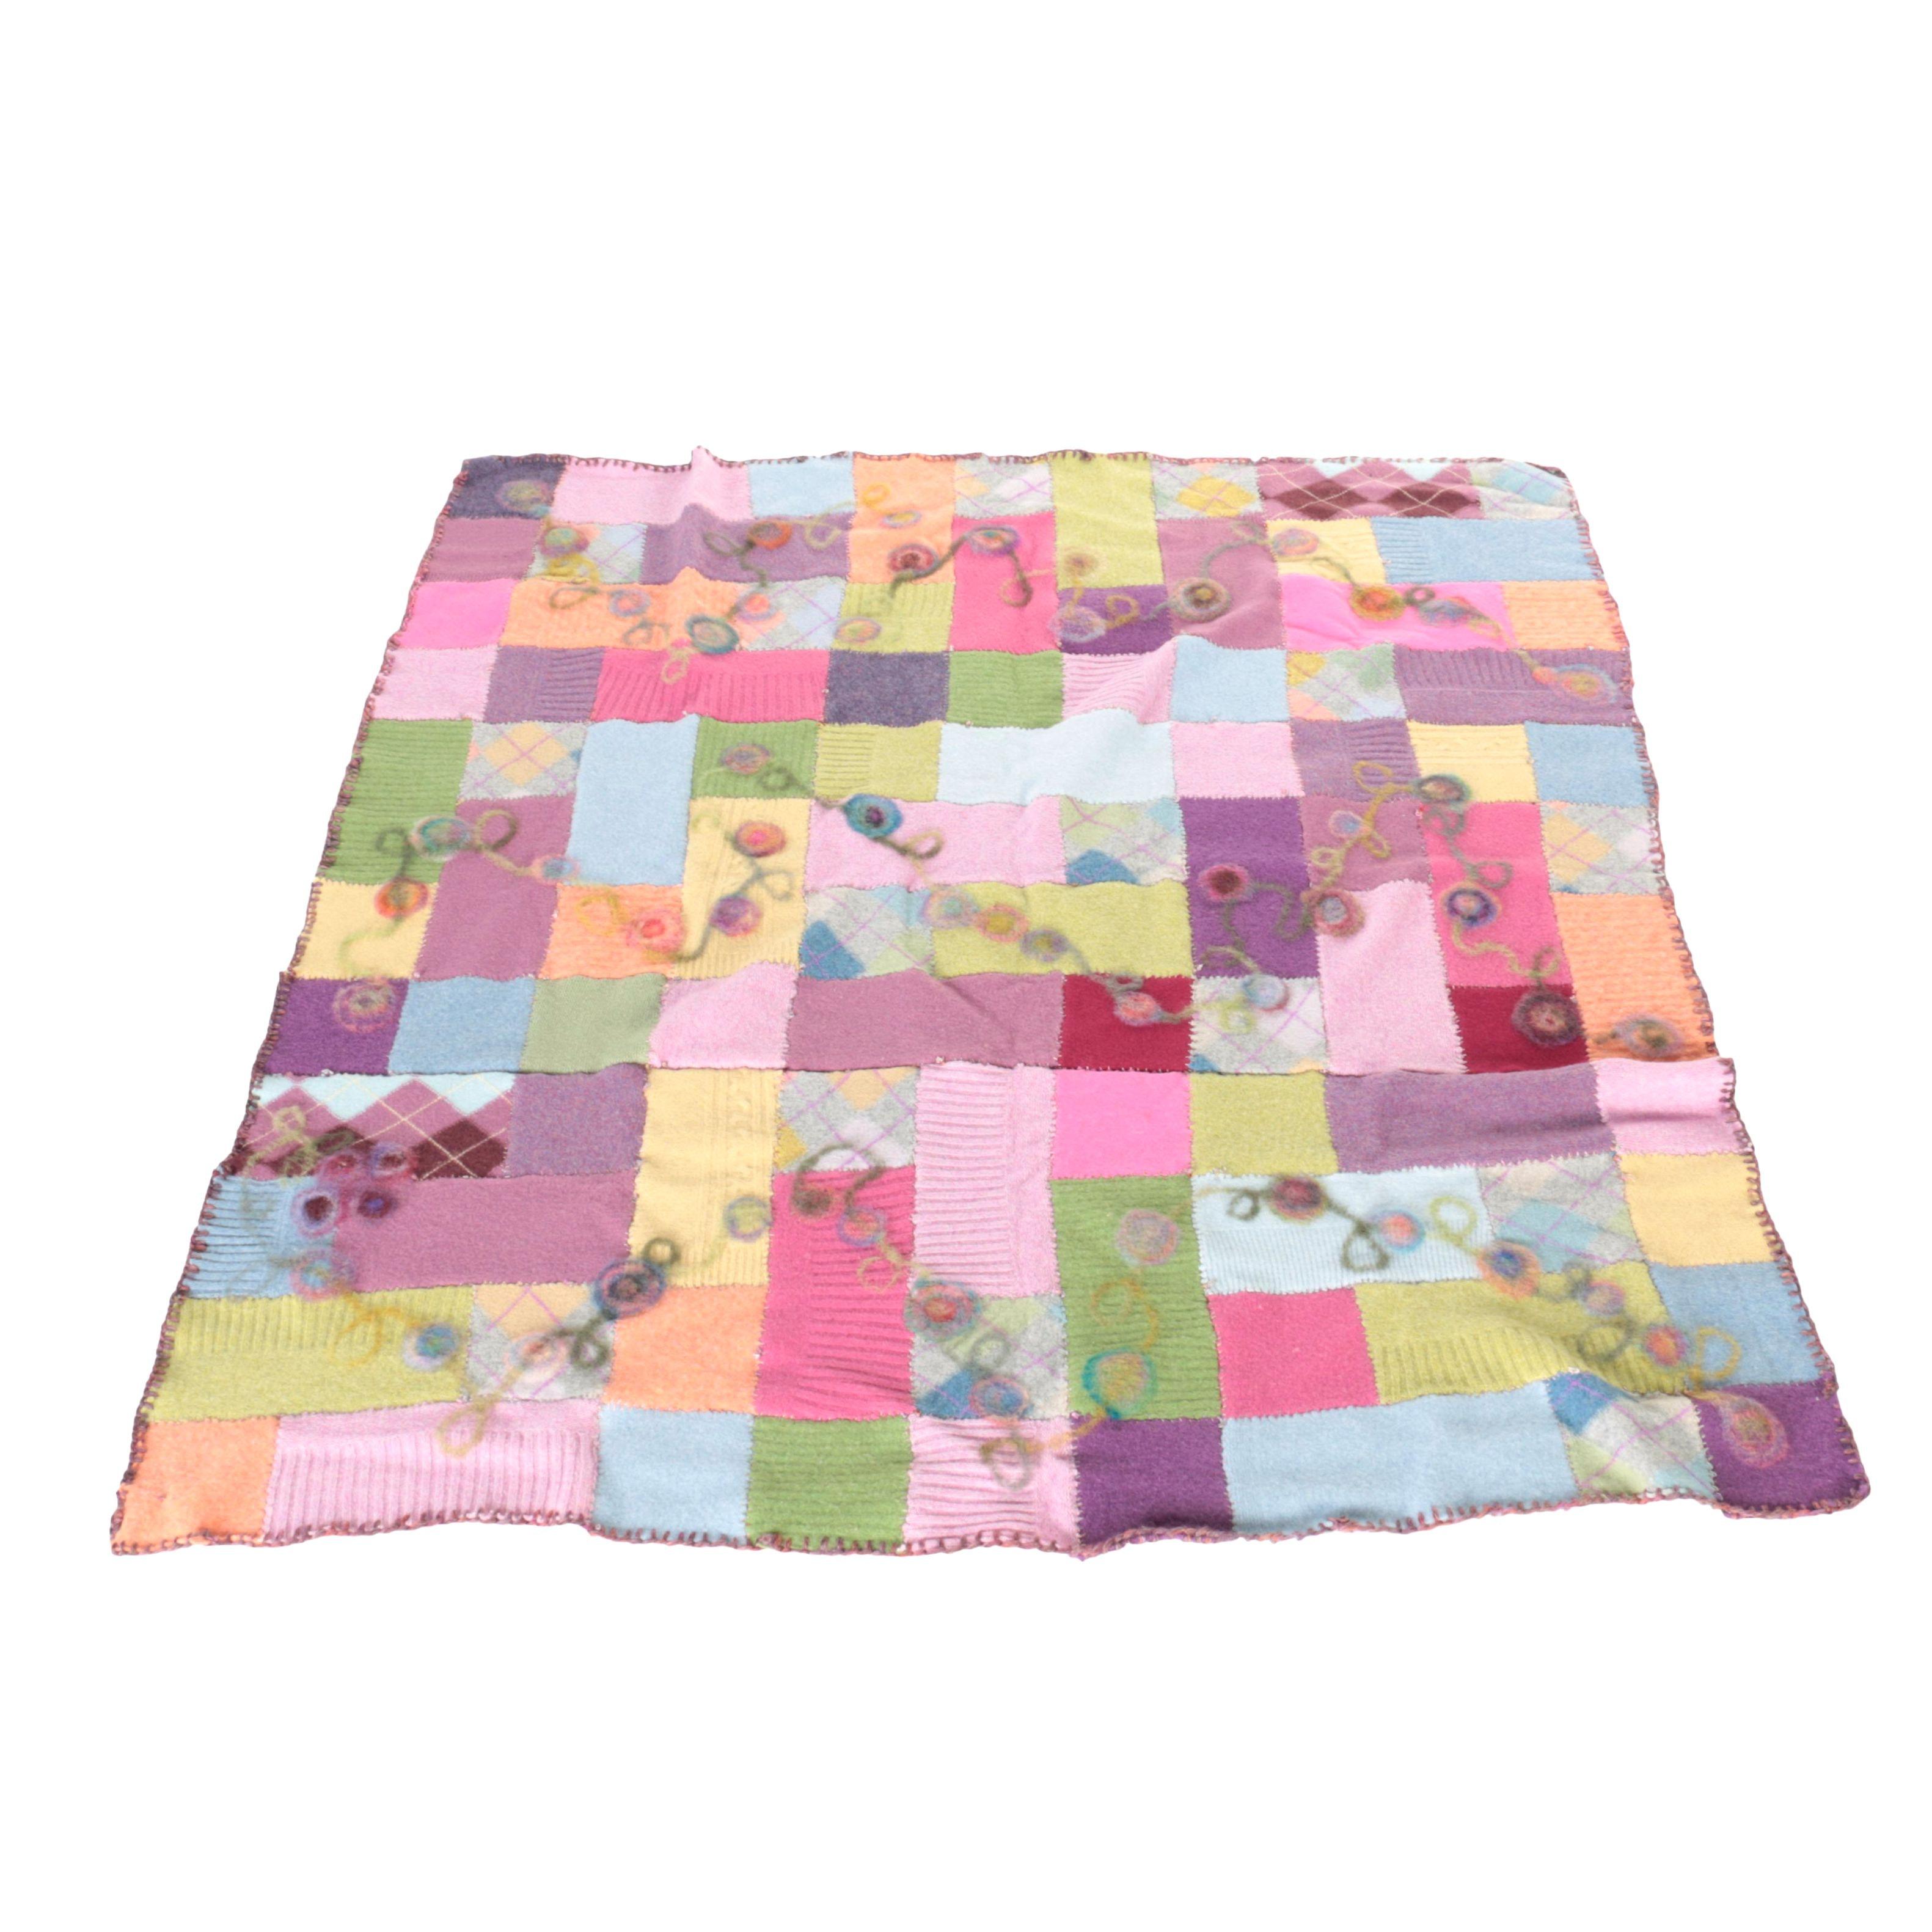 Handmade Wool Blanket